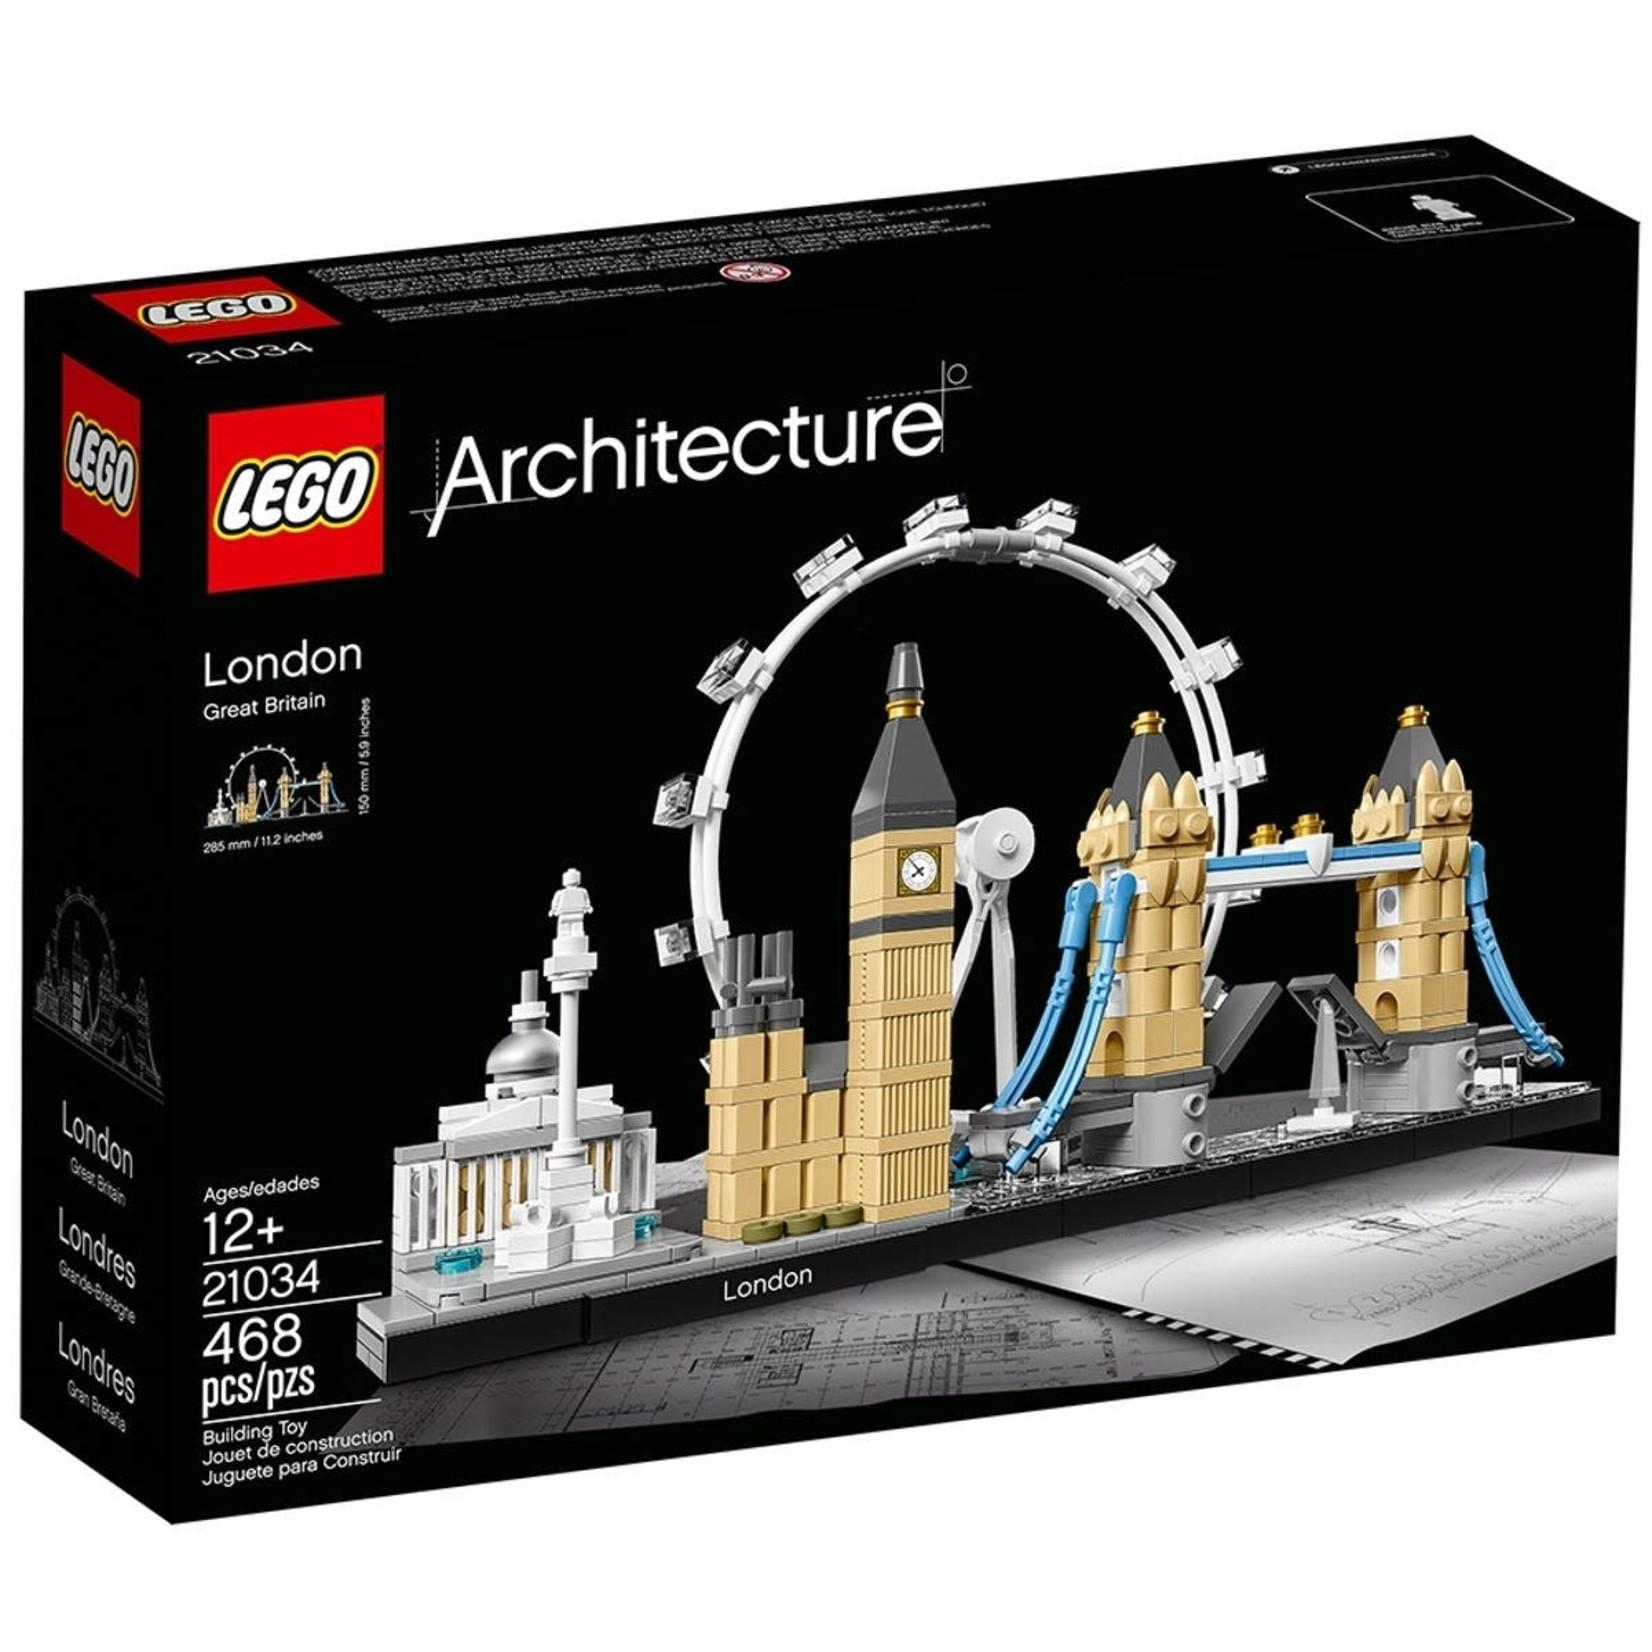 LEGO LEGO Architecture London